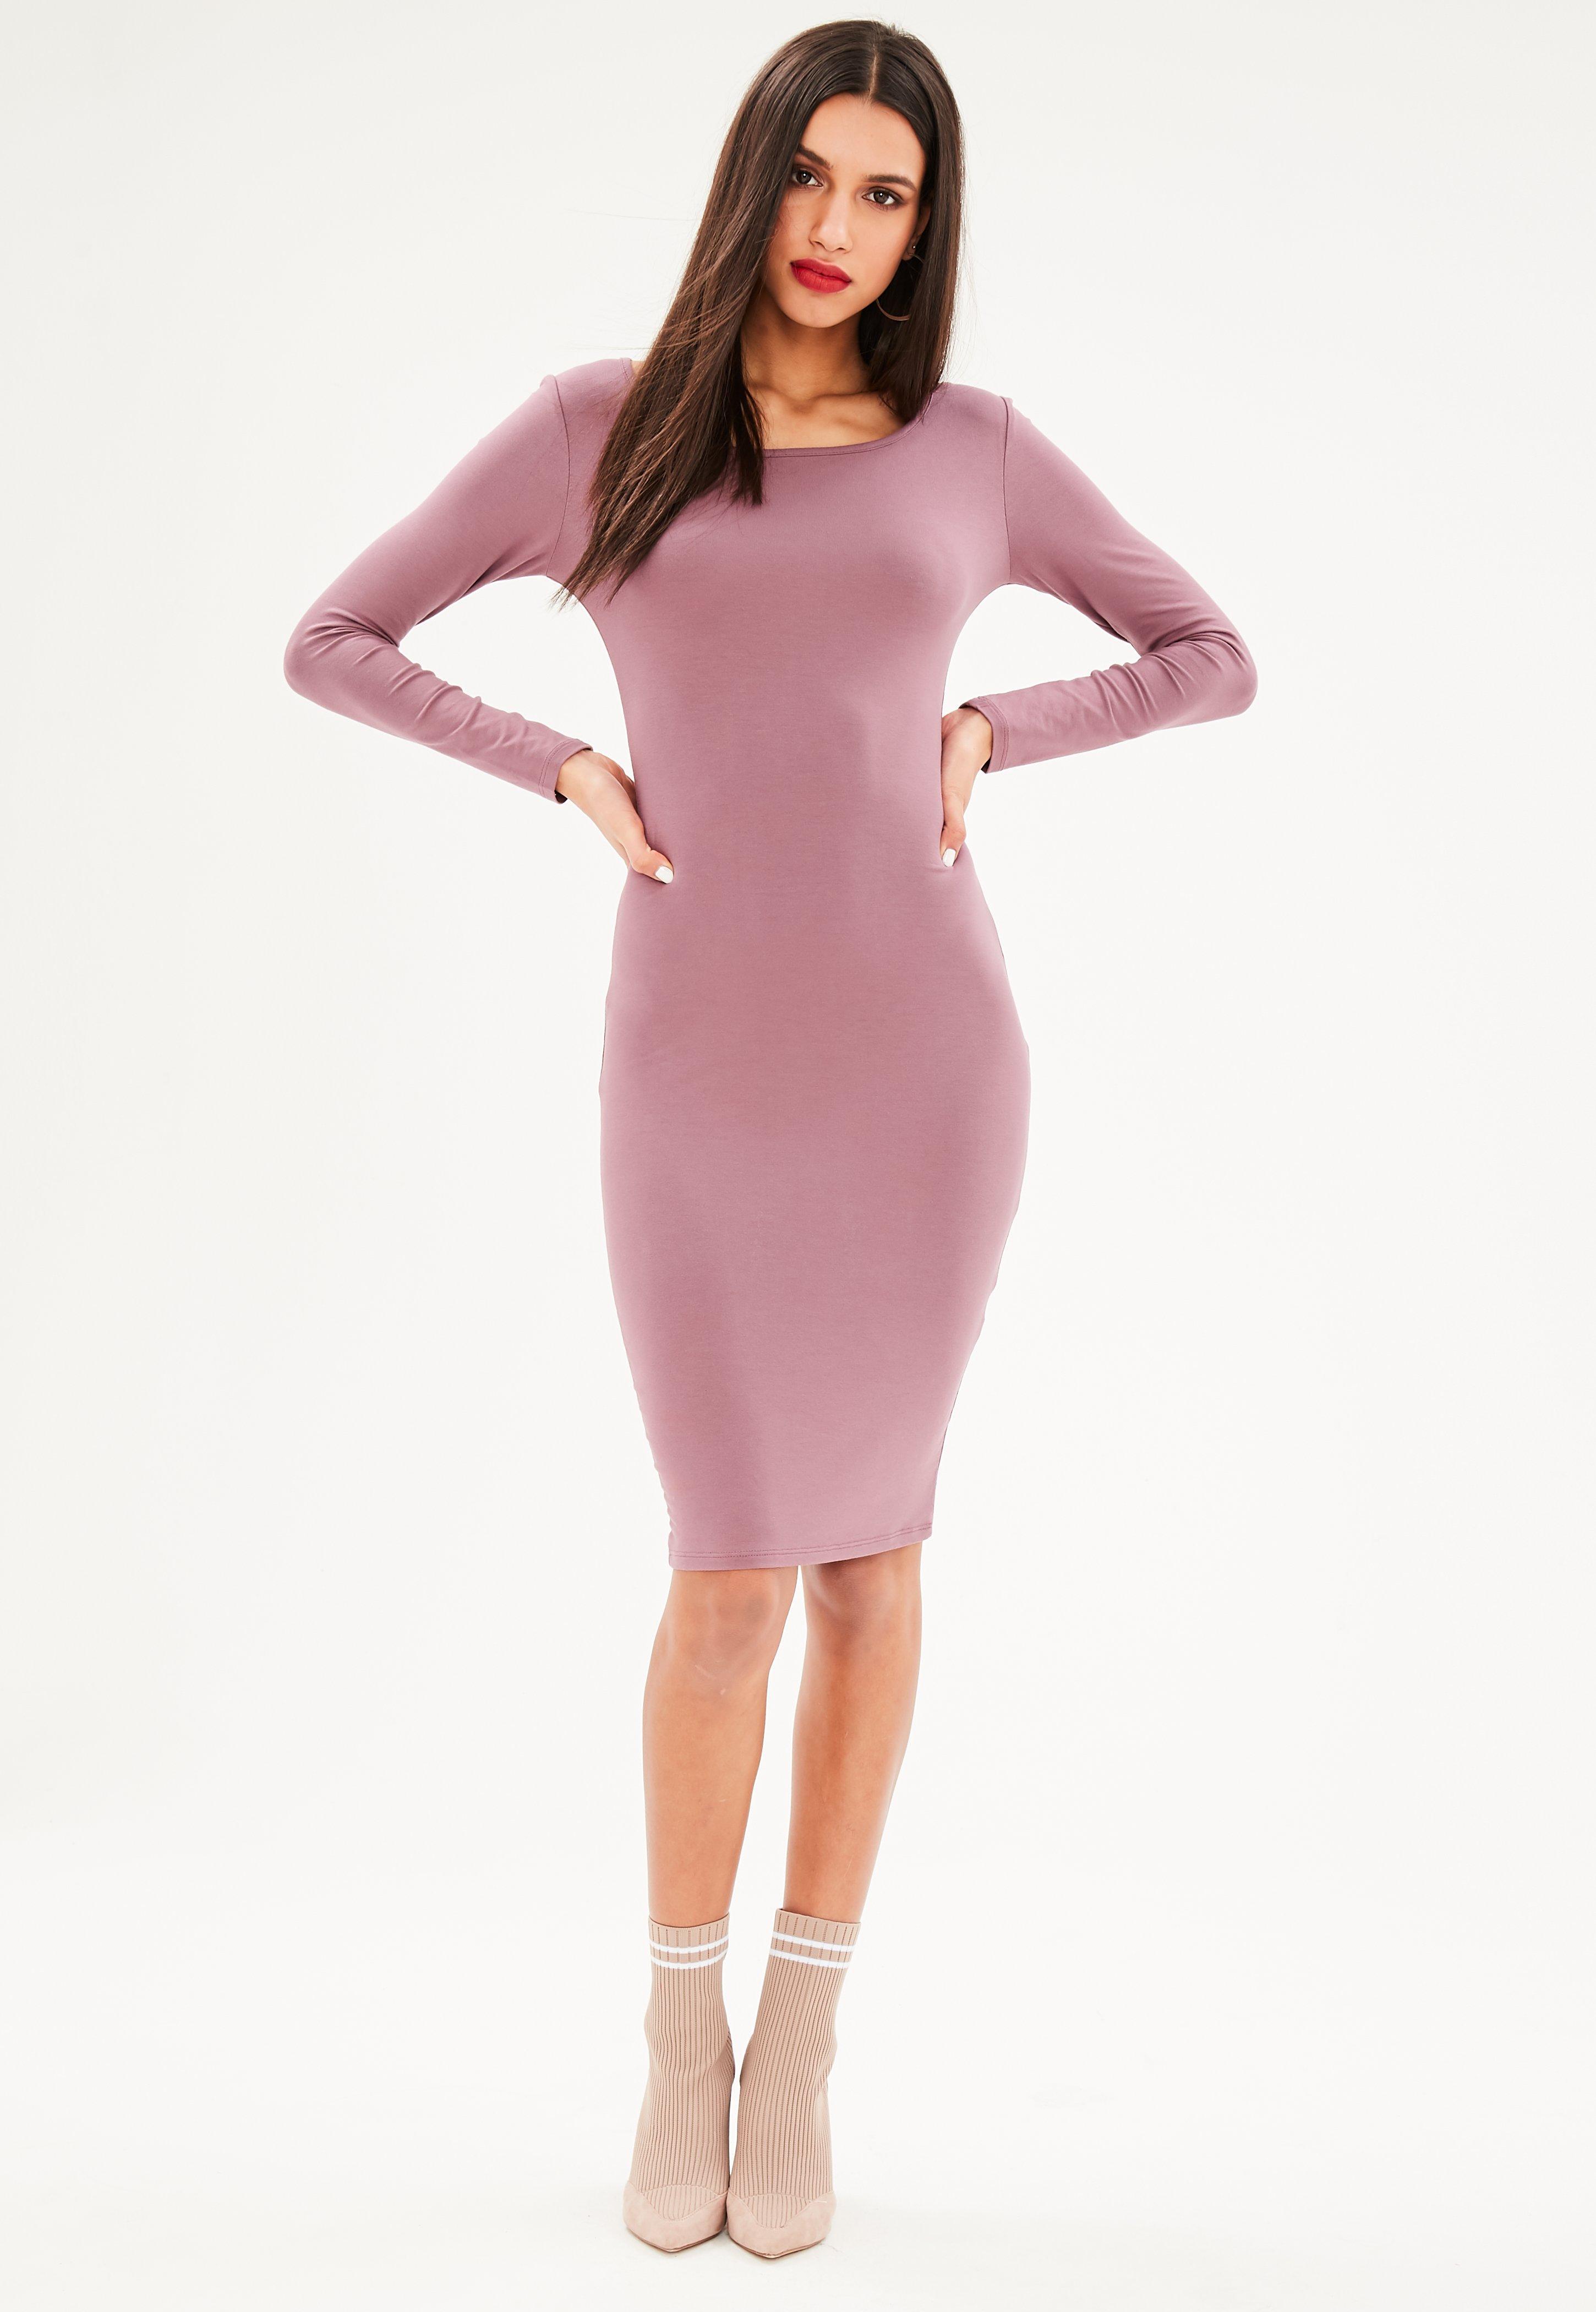 Purple Dresses | Mauve & Lilac Dresses - Missguided